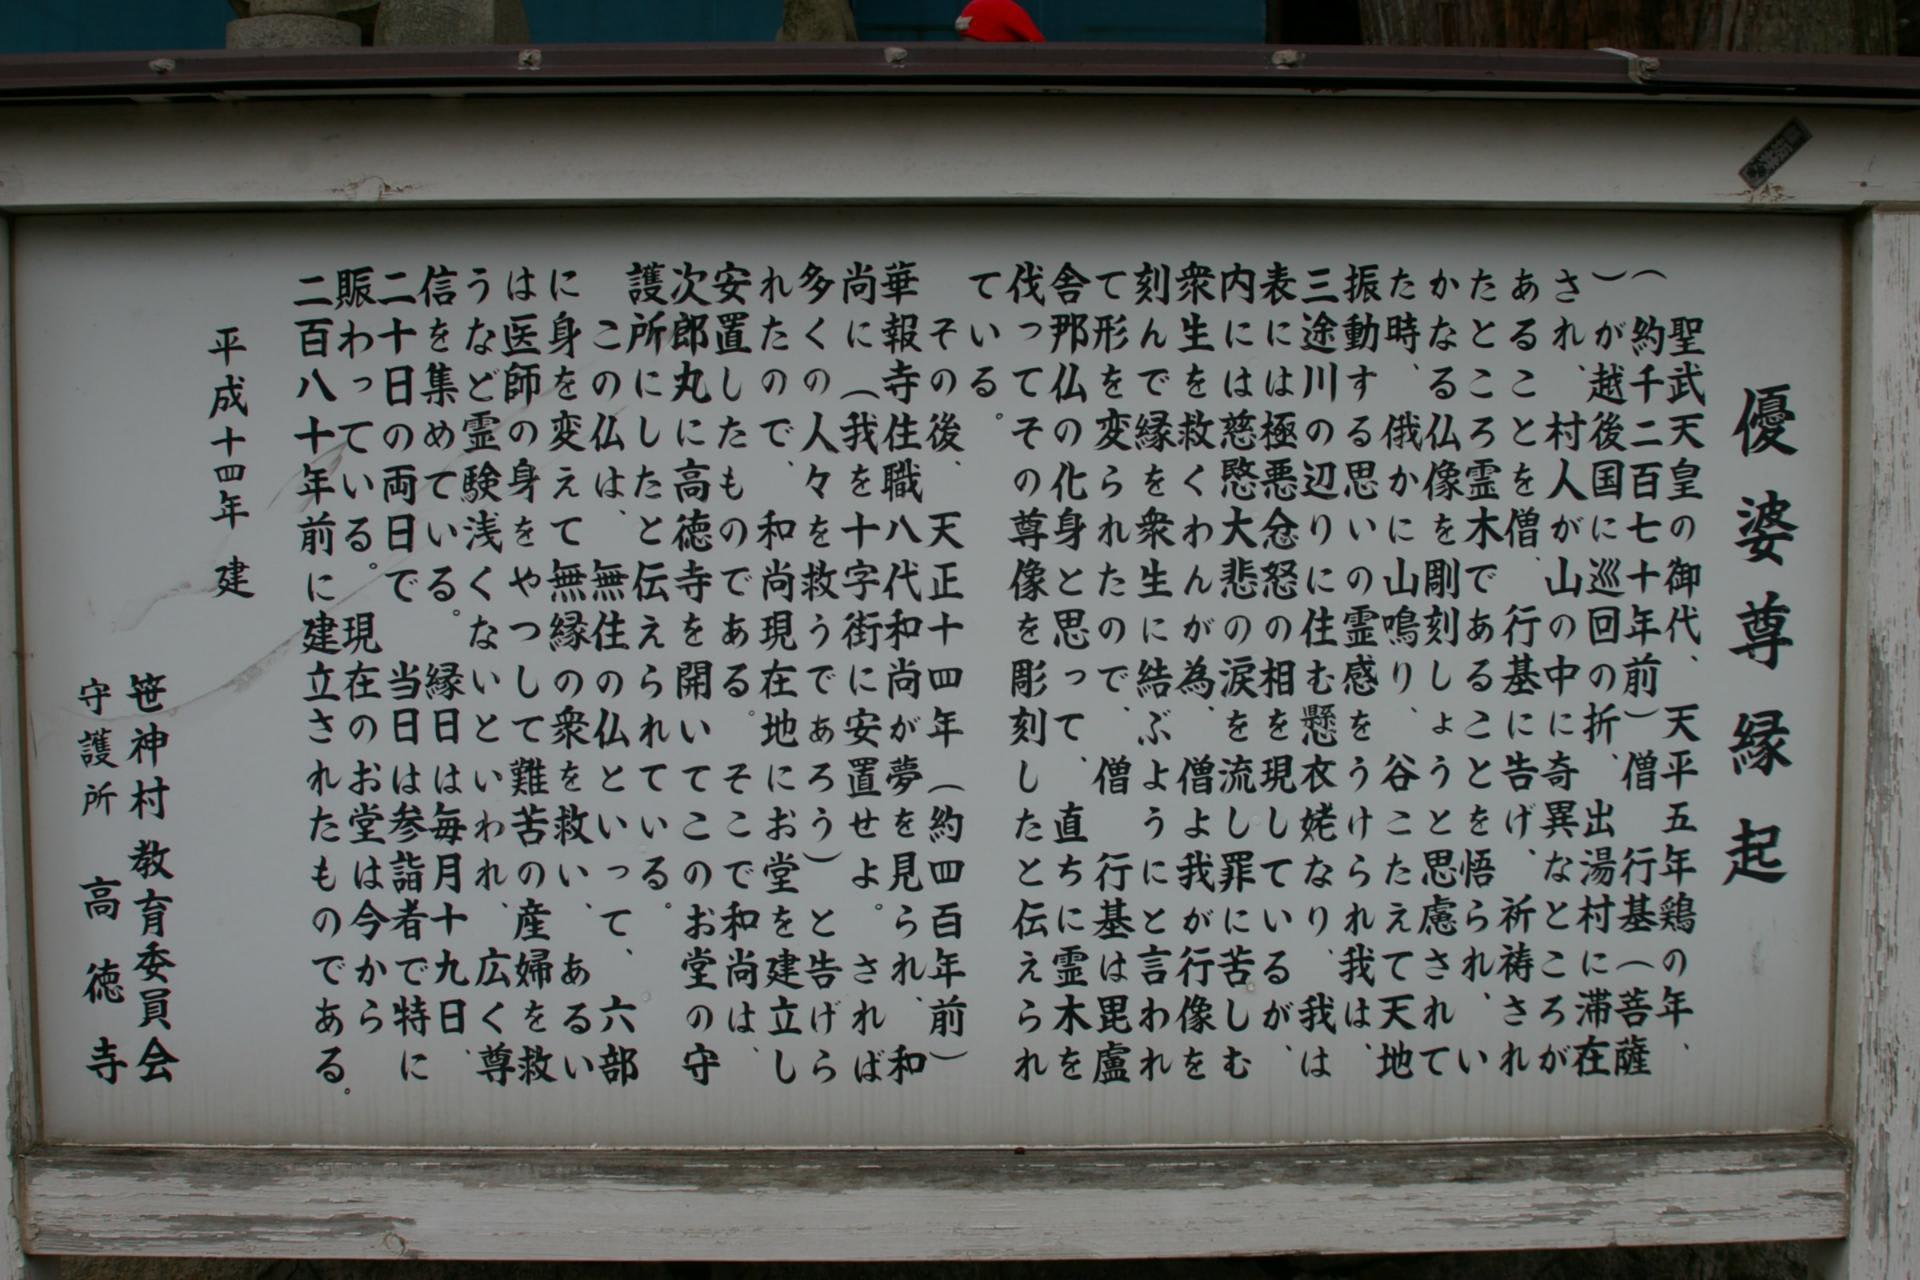 新潟県阿賀野市、優婆堂の大杉です!! - ビーズうさぎのハナちゃん ...